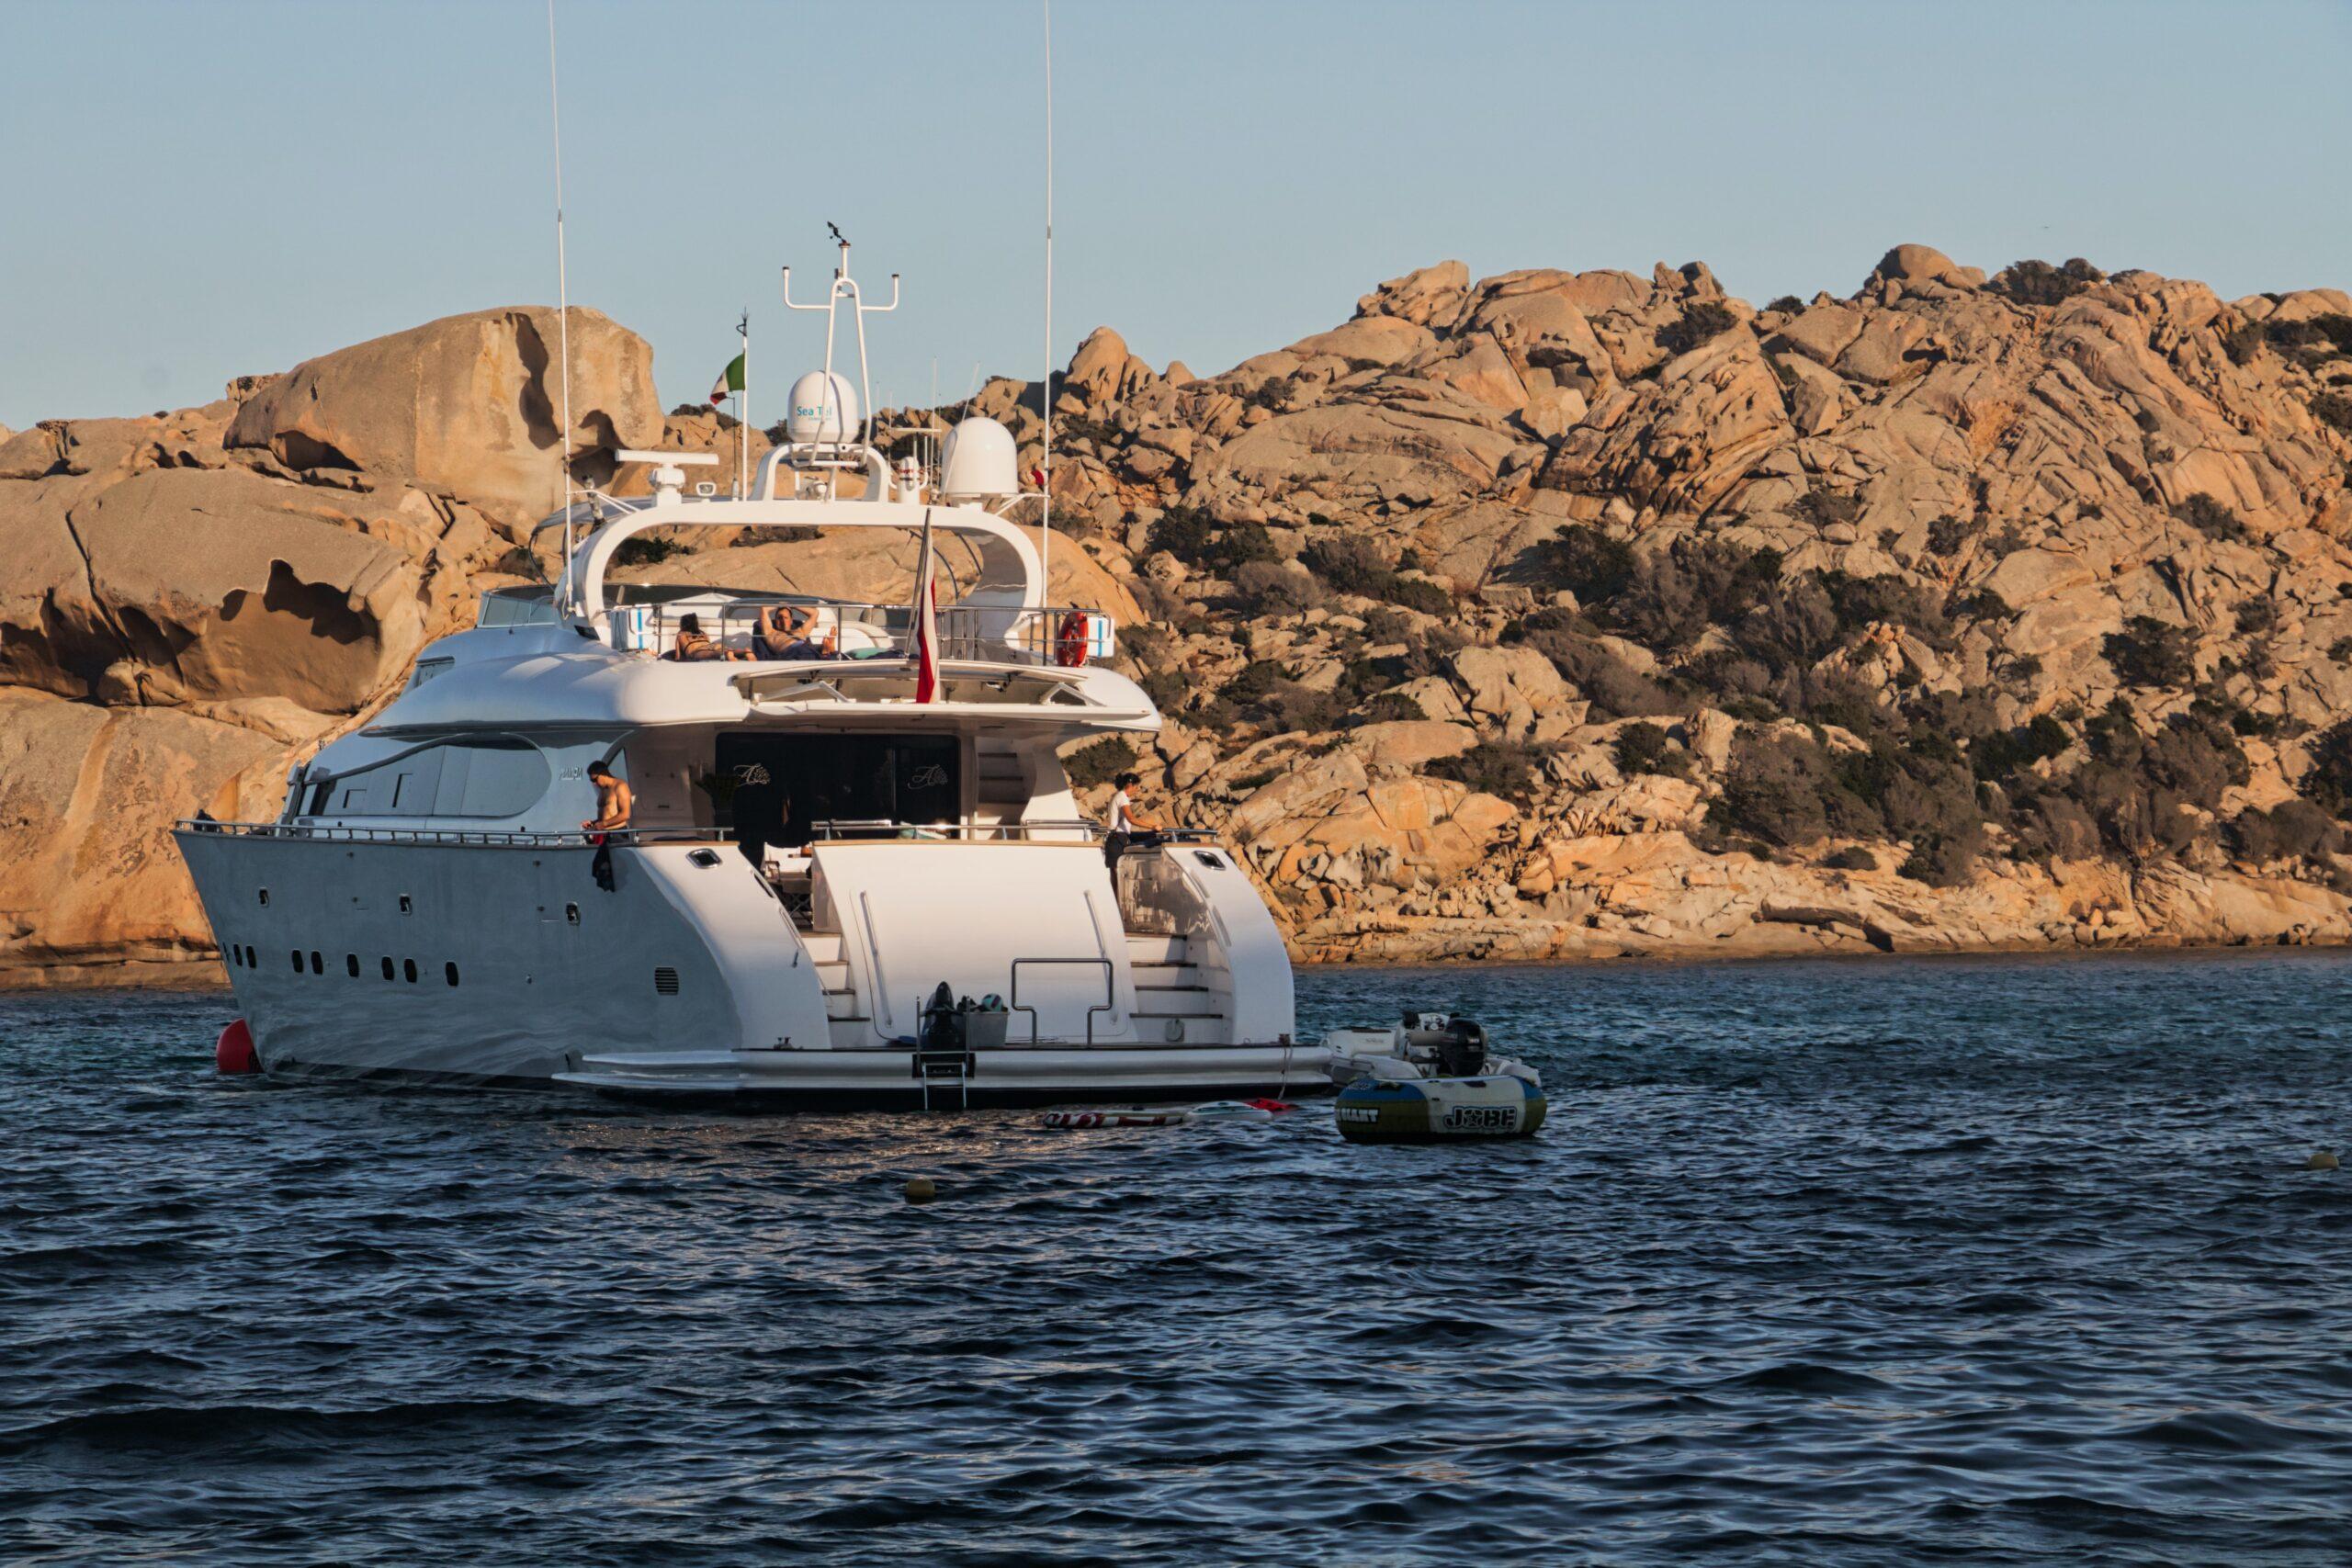 Cobertura de seguros para empresas náuticas: Seguro de accidentes para la tripulación-cliente